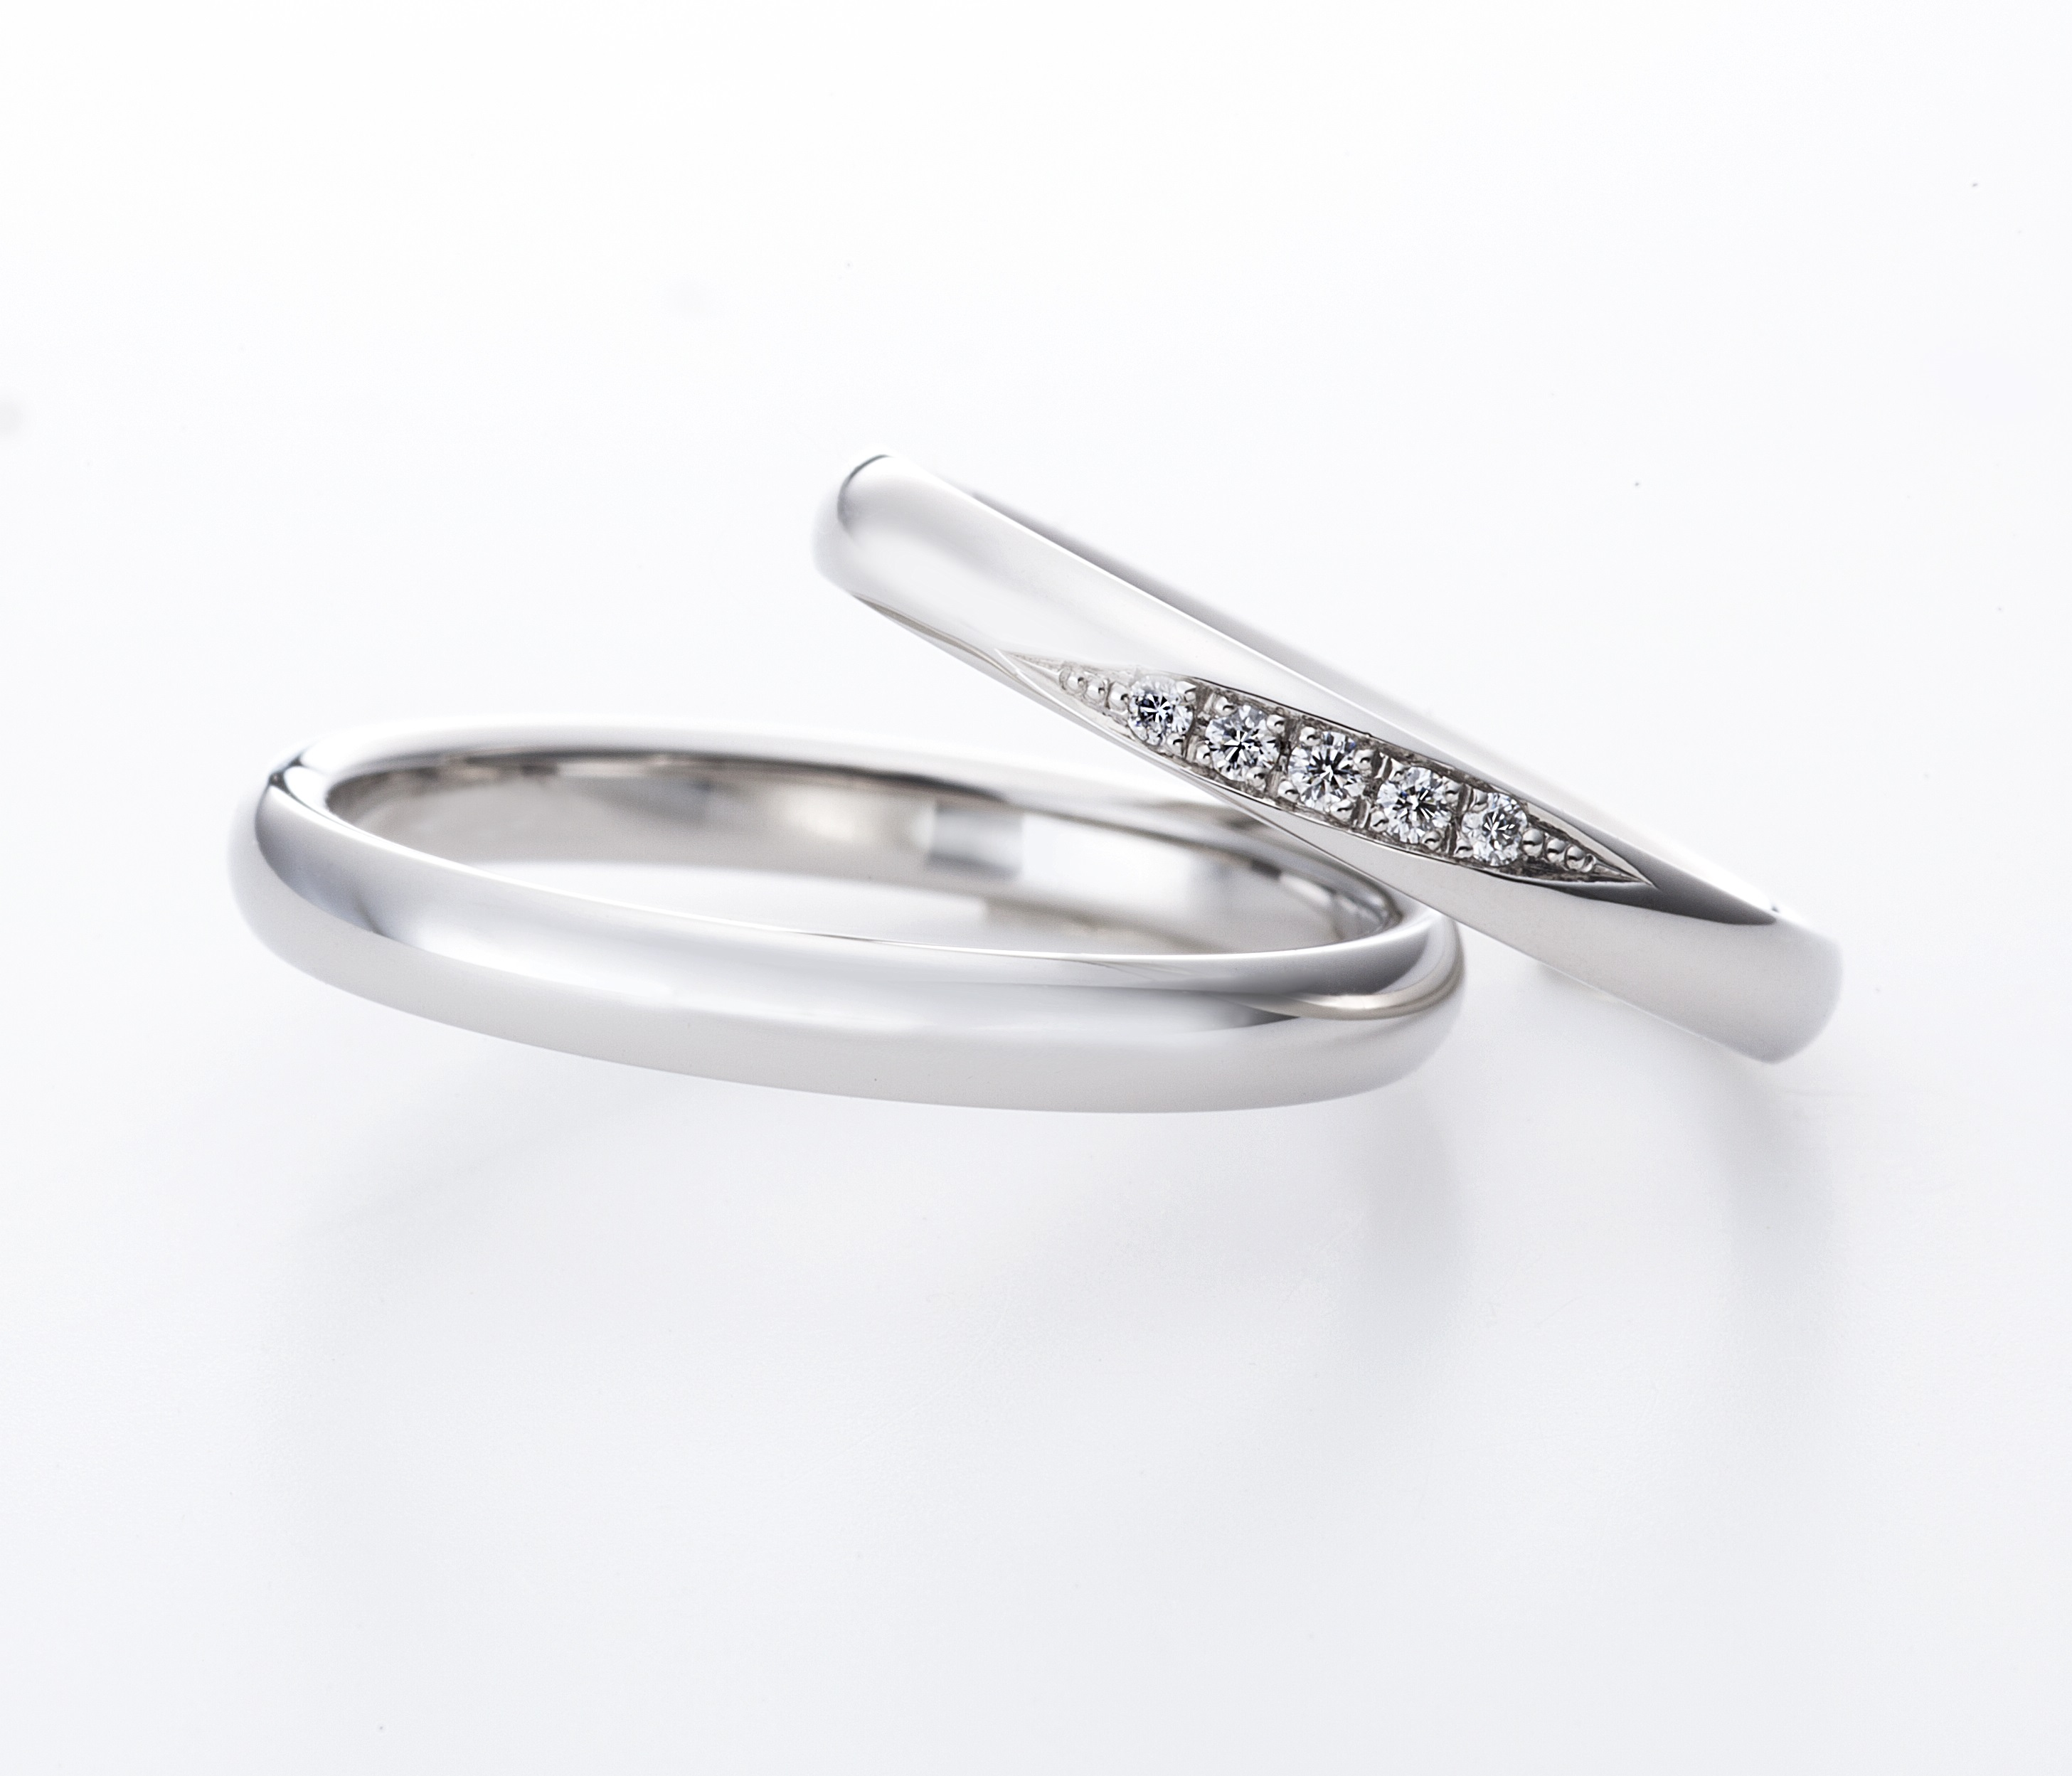 ラザールダイヤモンドのシンプルな結婚指輪 メテオ